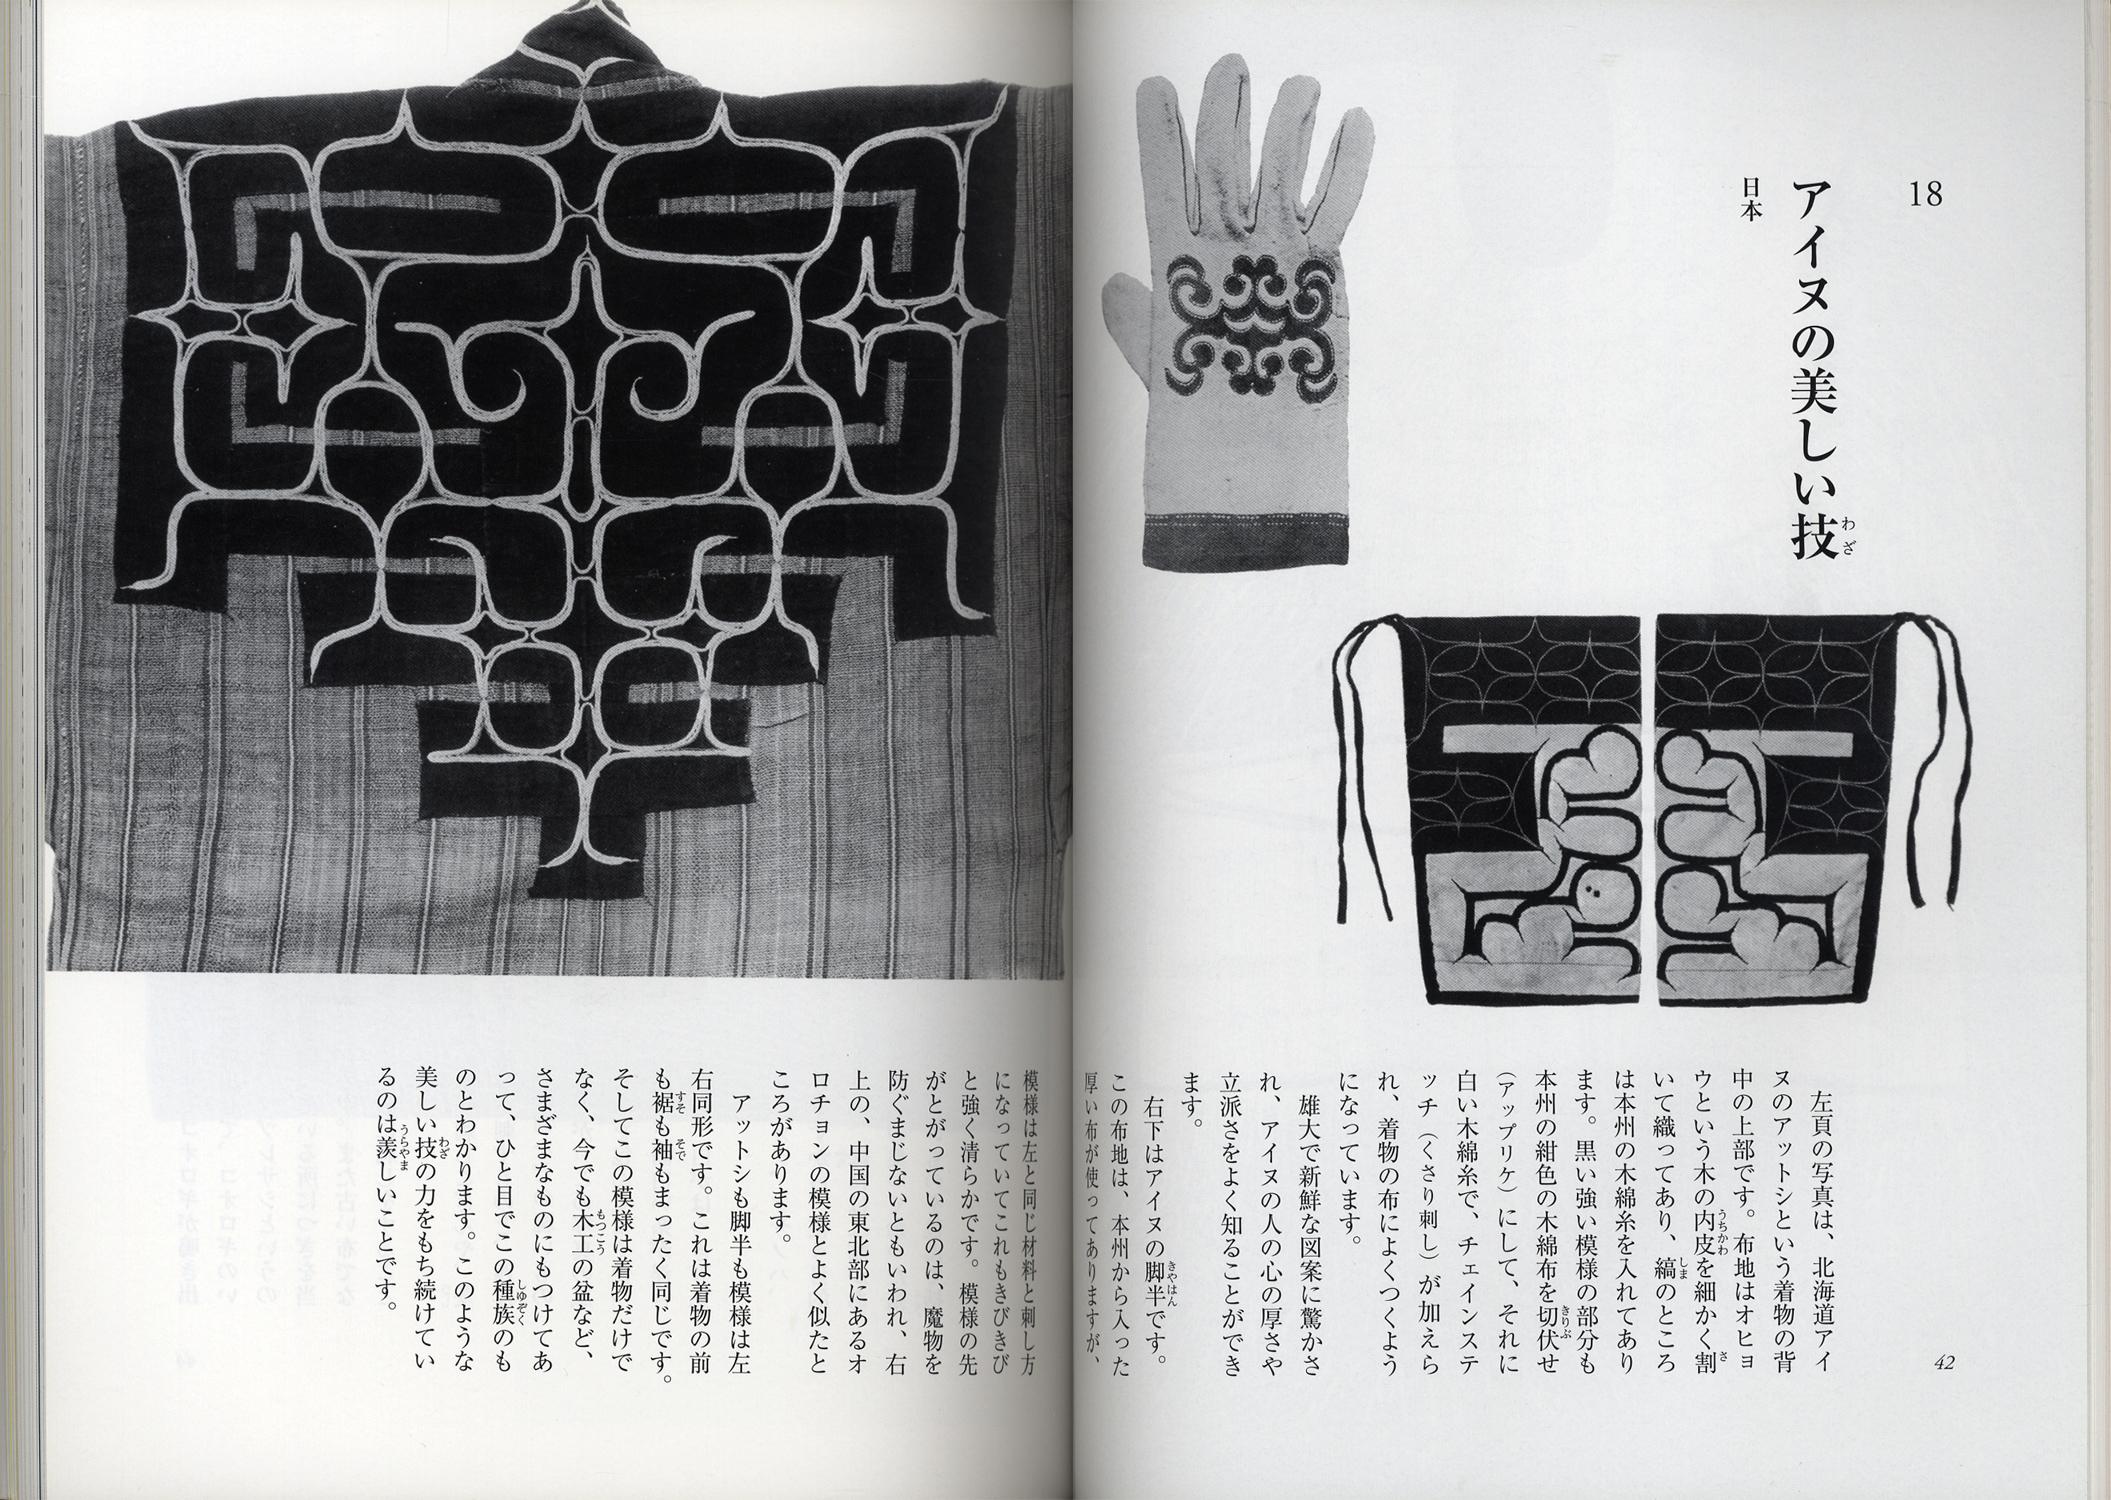 少年民藝館[image2]